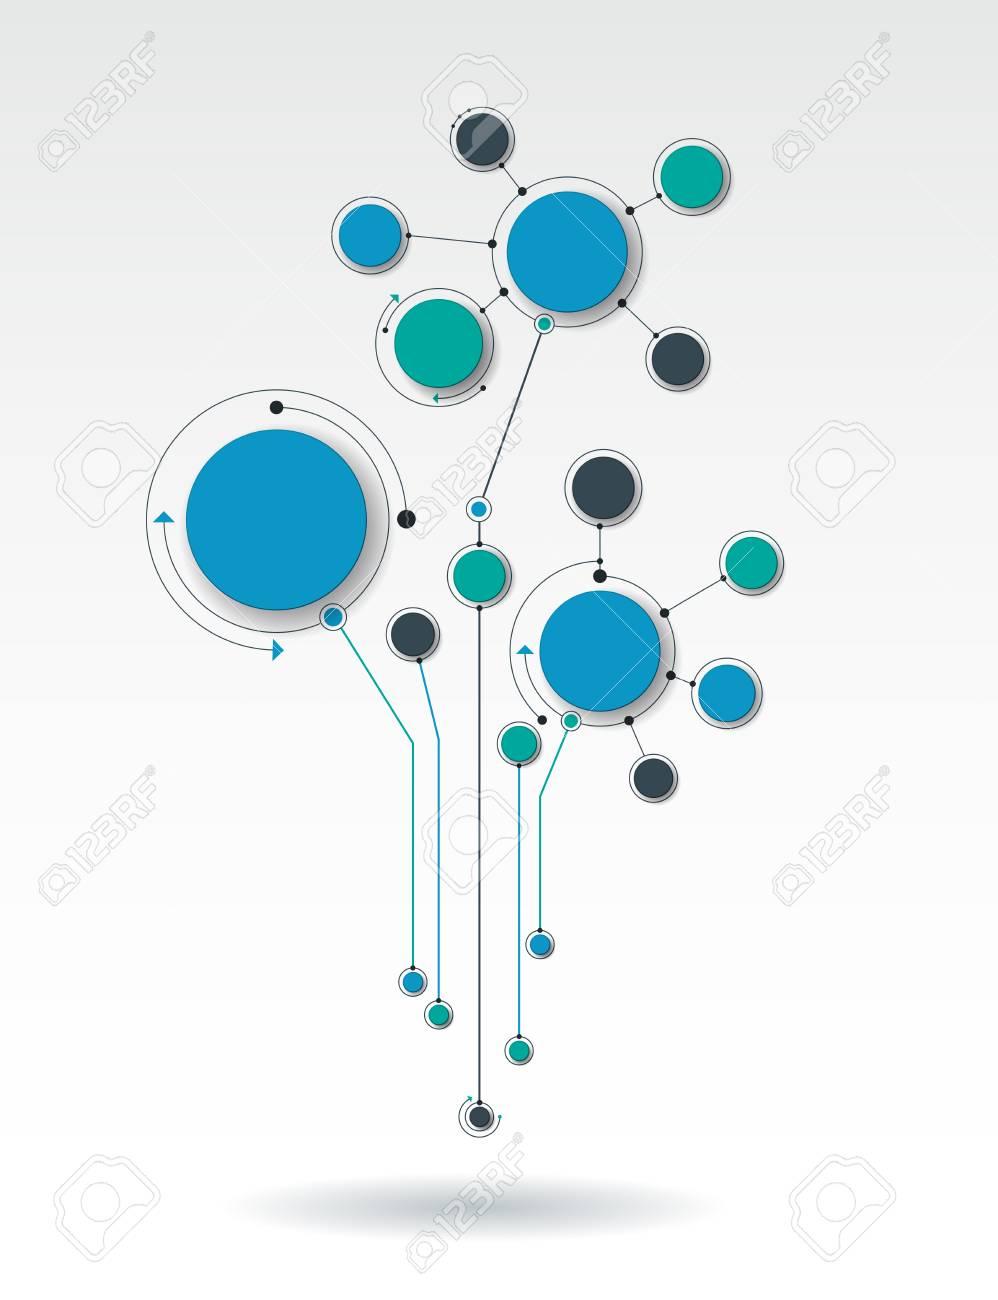 Abbildung 3D-Papierkreise In Molekülstruktur Mit Leeren Platz Für ...